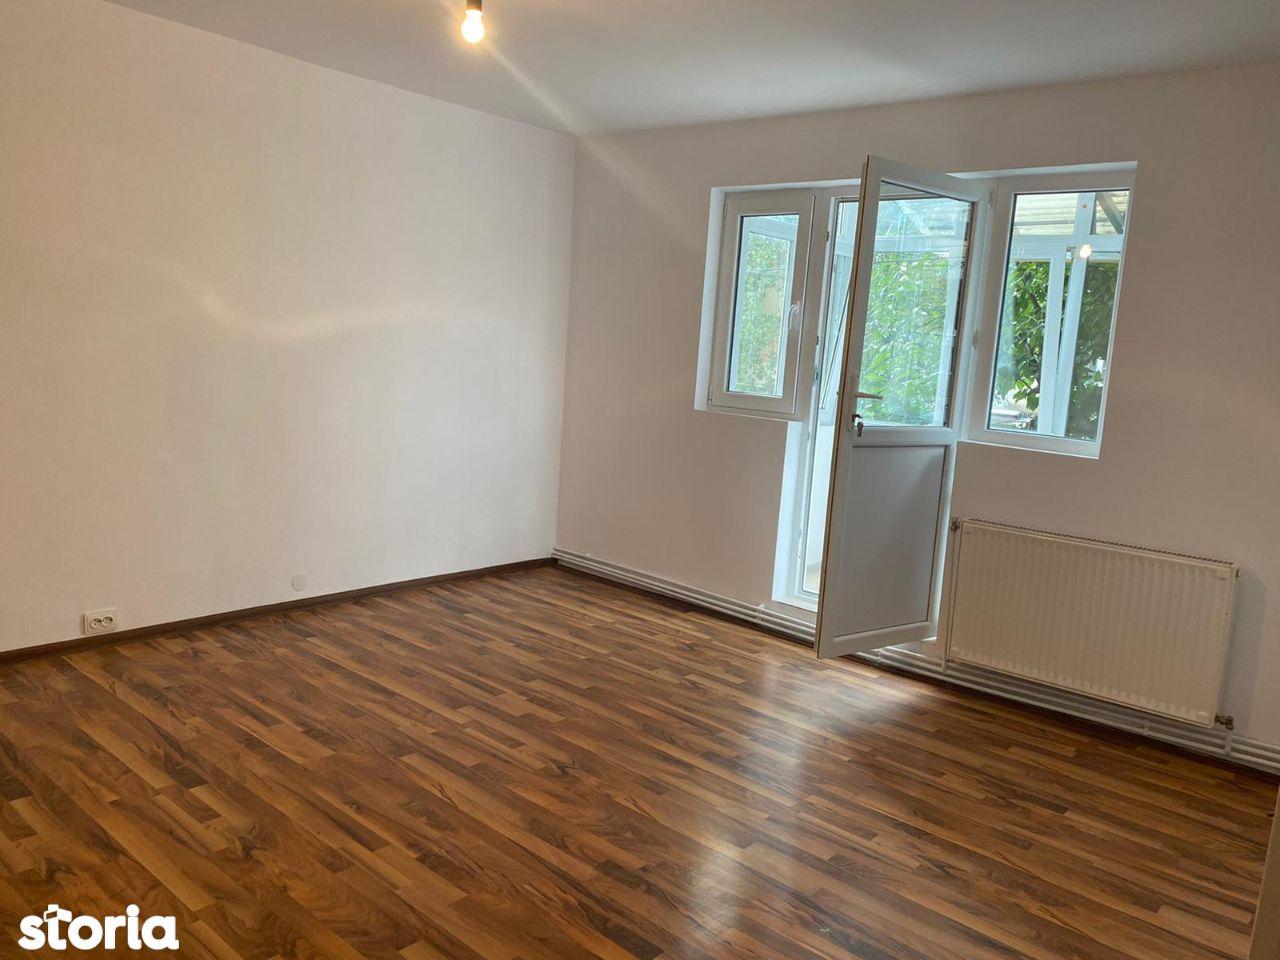 Vanzare apartament 3 camere, confort 1, Targoviste, micro 4